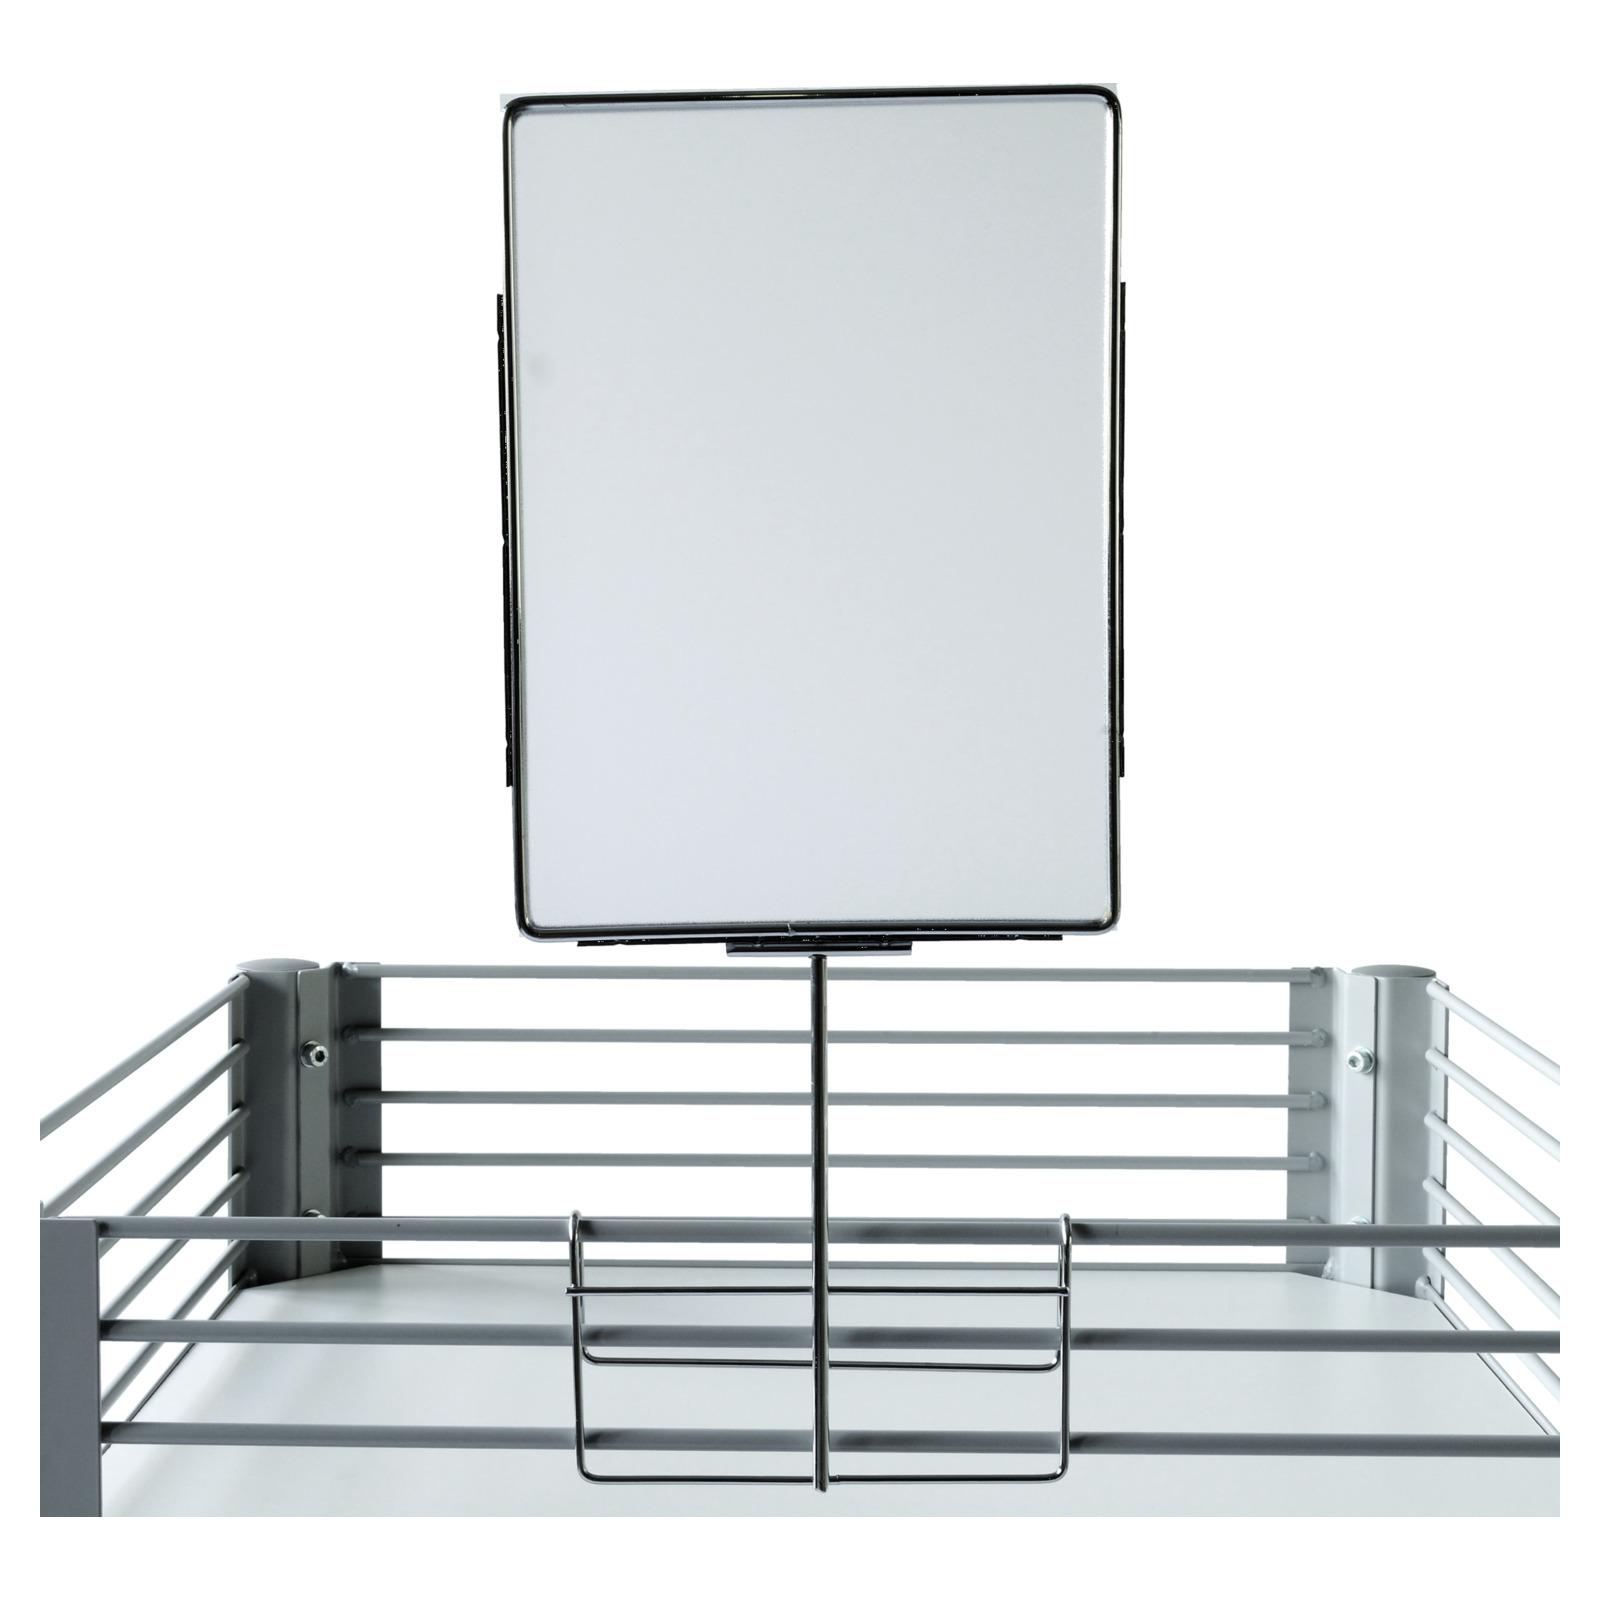 metall plakatrahmen zum aufstecken verchromt w hlk rbe. Black Bedroom Furniture Sets. Home Design Ideas